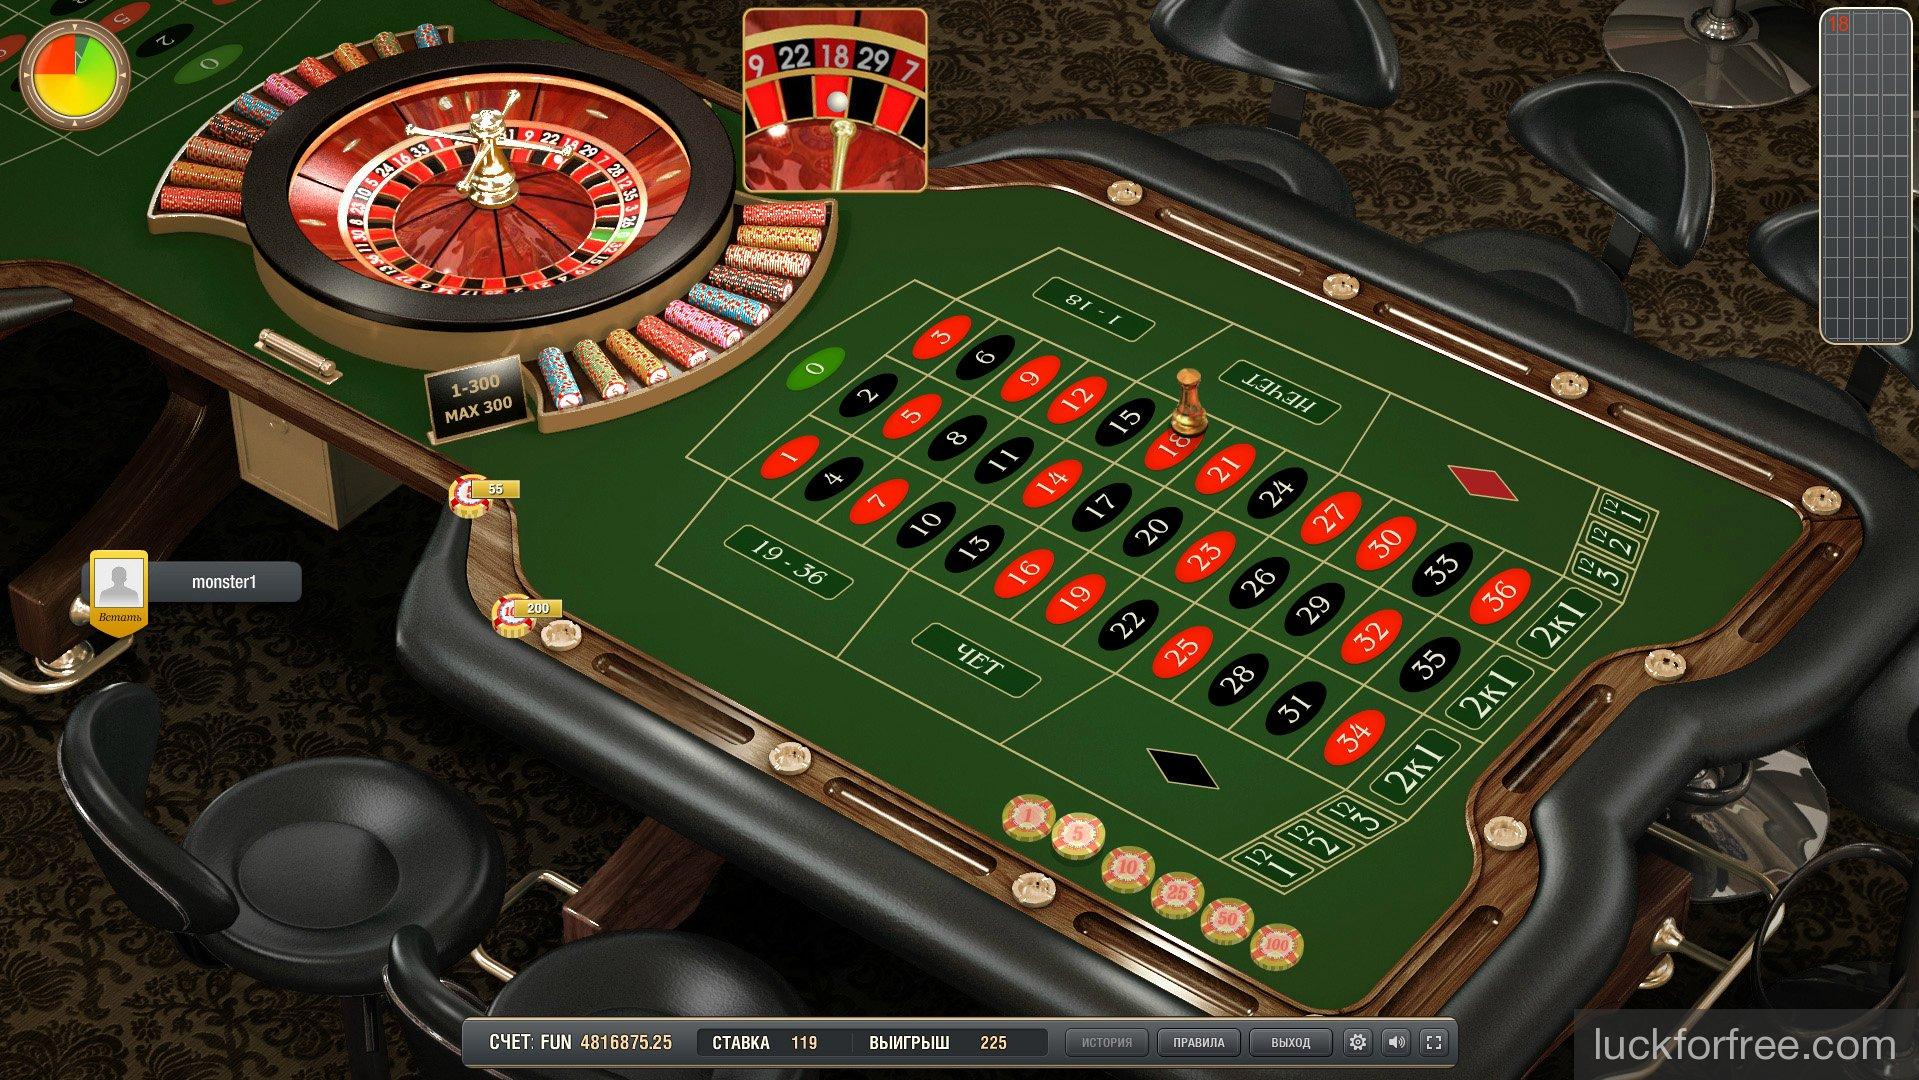 Играть в игровые автоматы новинки бесплатно во сне выиграл в игровые автоматы деньги